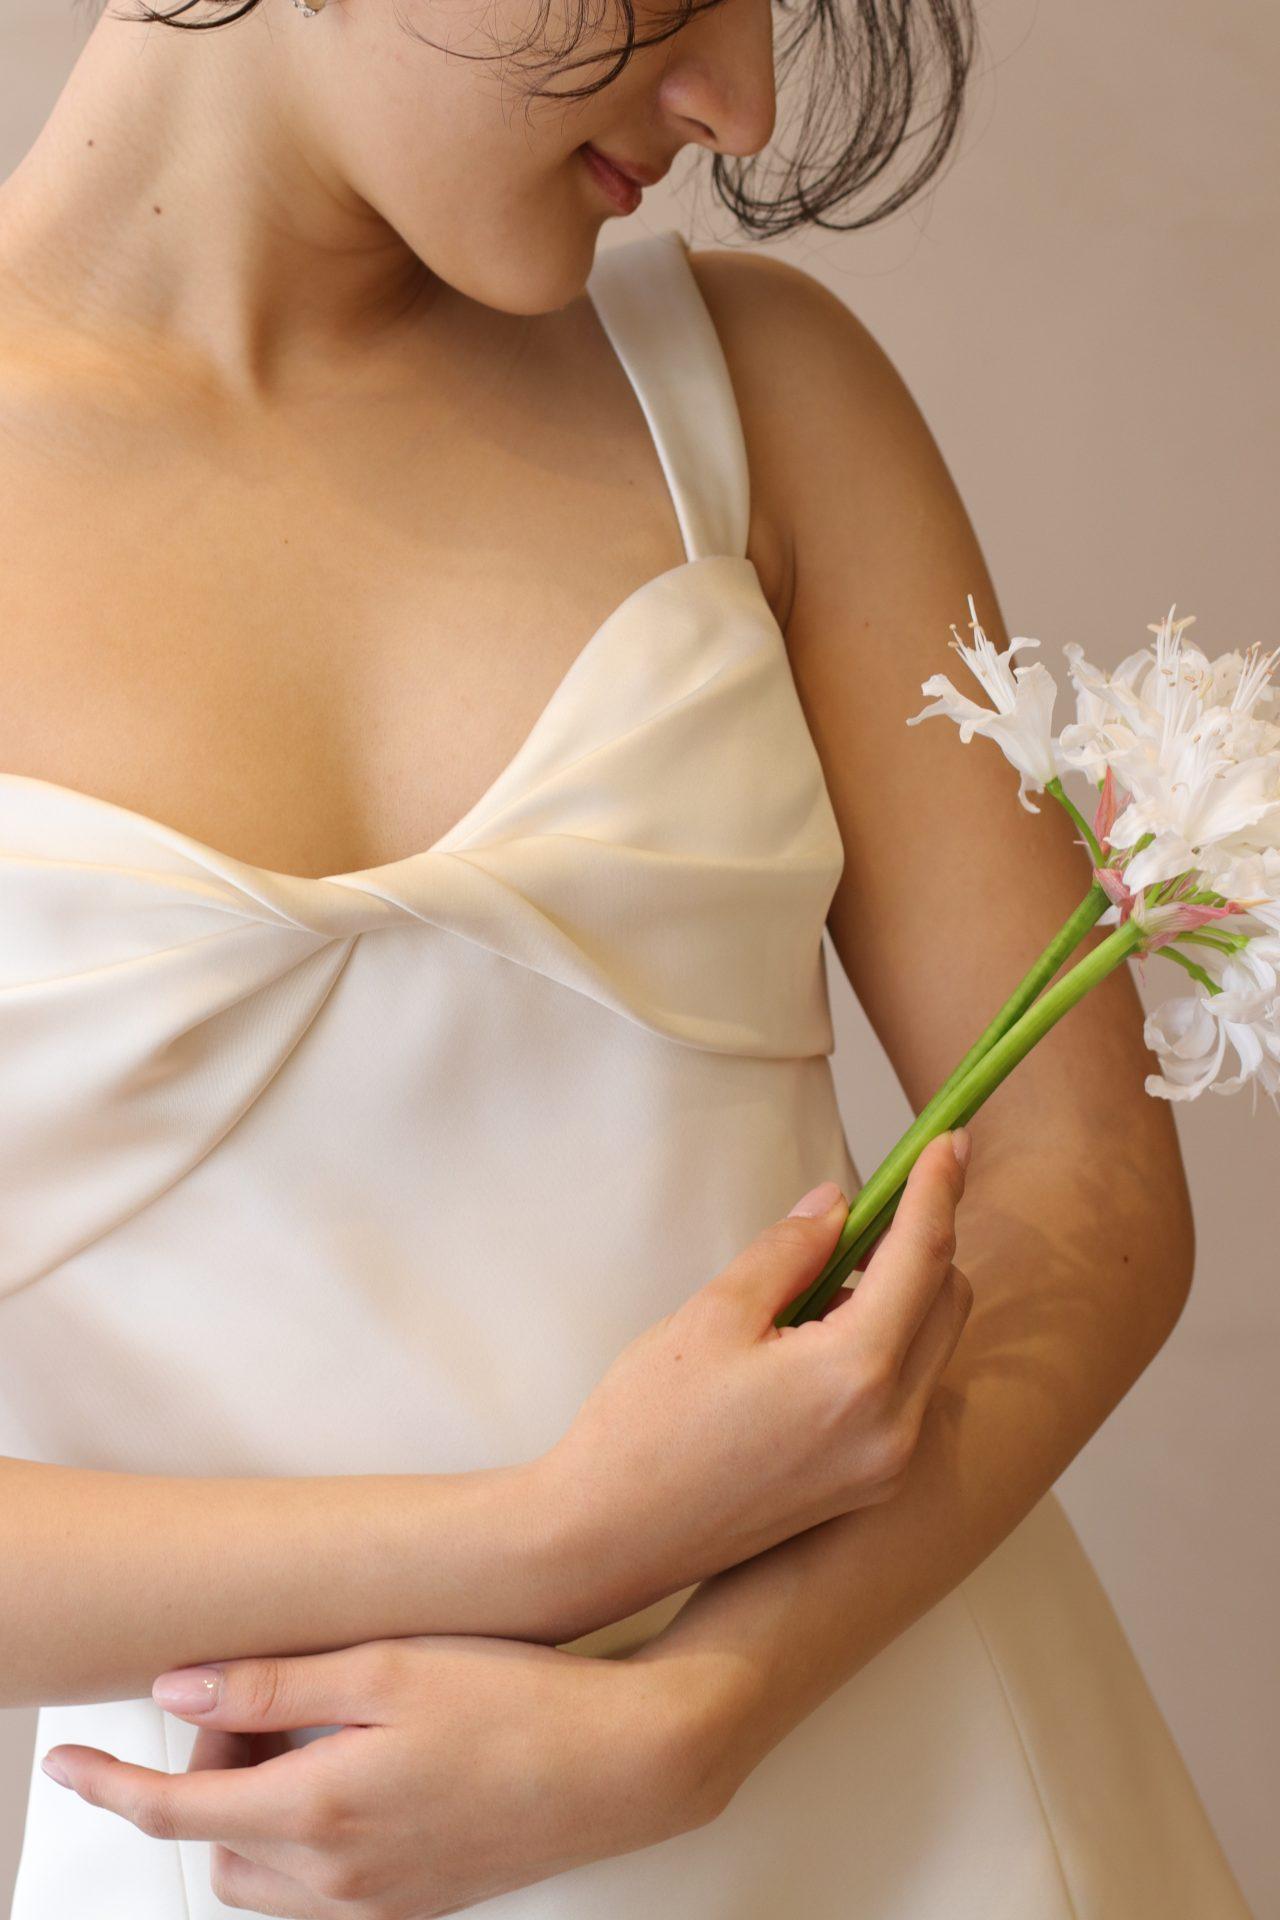 上質なシルク生地のシンプルなウェディングドレスに合わせた白い小花を散らした優しい印象のブーケは、春夏のガーデンウェディングやレストランウェディングなどの、親族や友人のみで行うアットホームな式をイメージされている花嫁様におすすめです